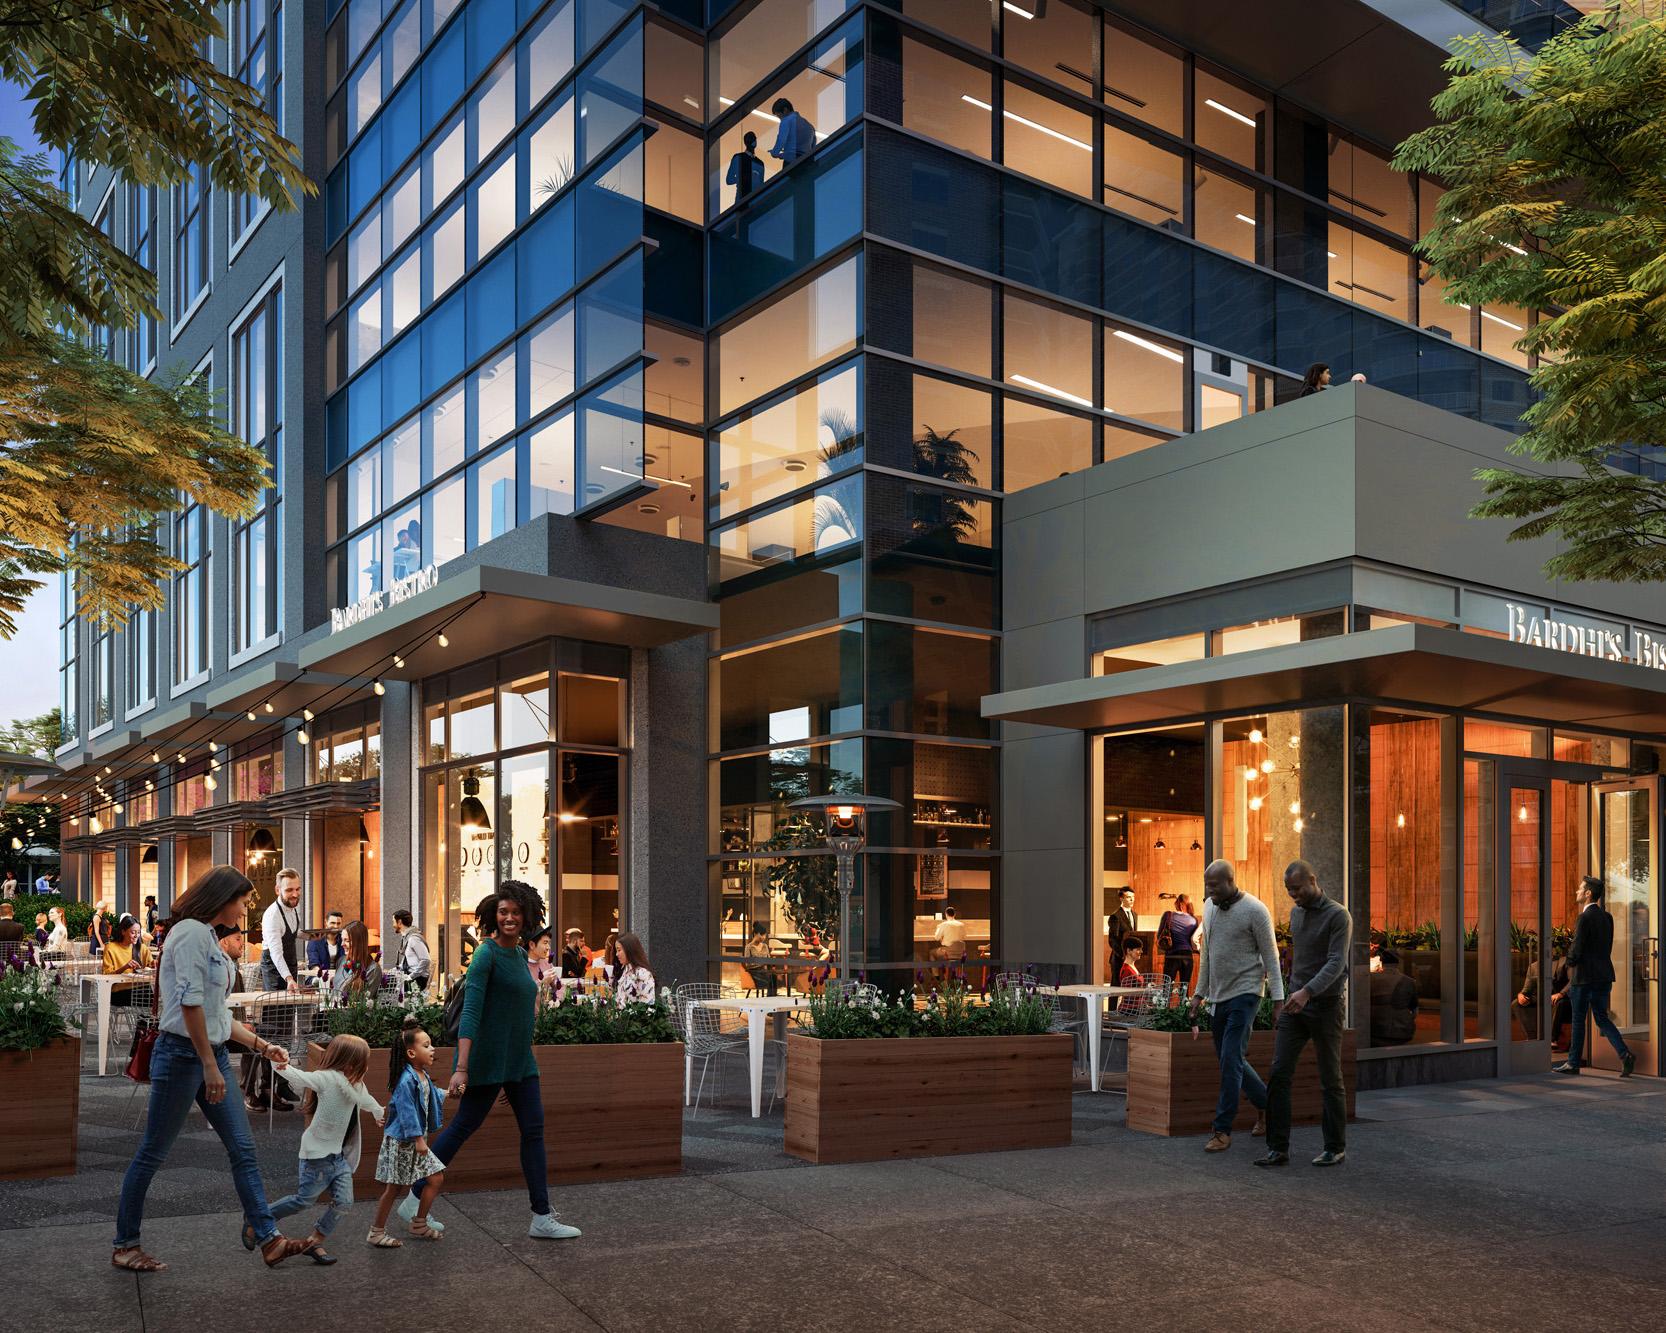 3901 Fairfax Drive Retail